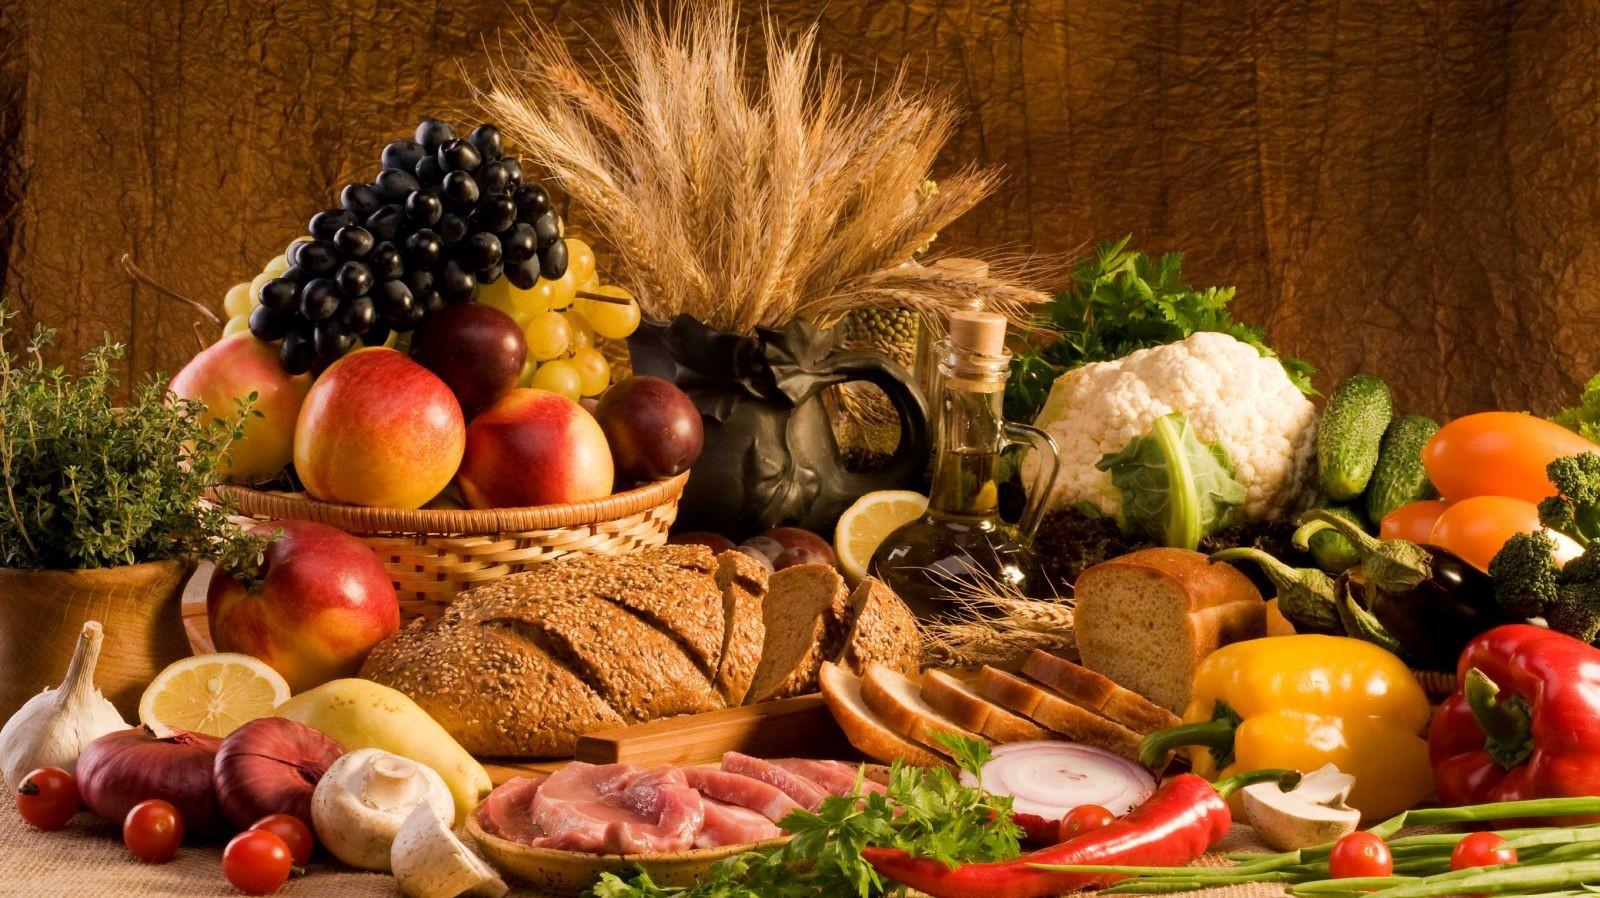 Axit succinic được dùng làm chất điều vị trong sản xuất thực phẩm